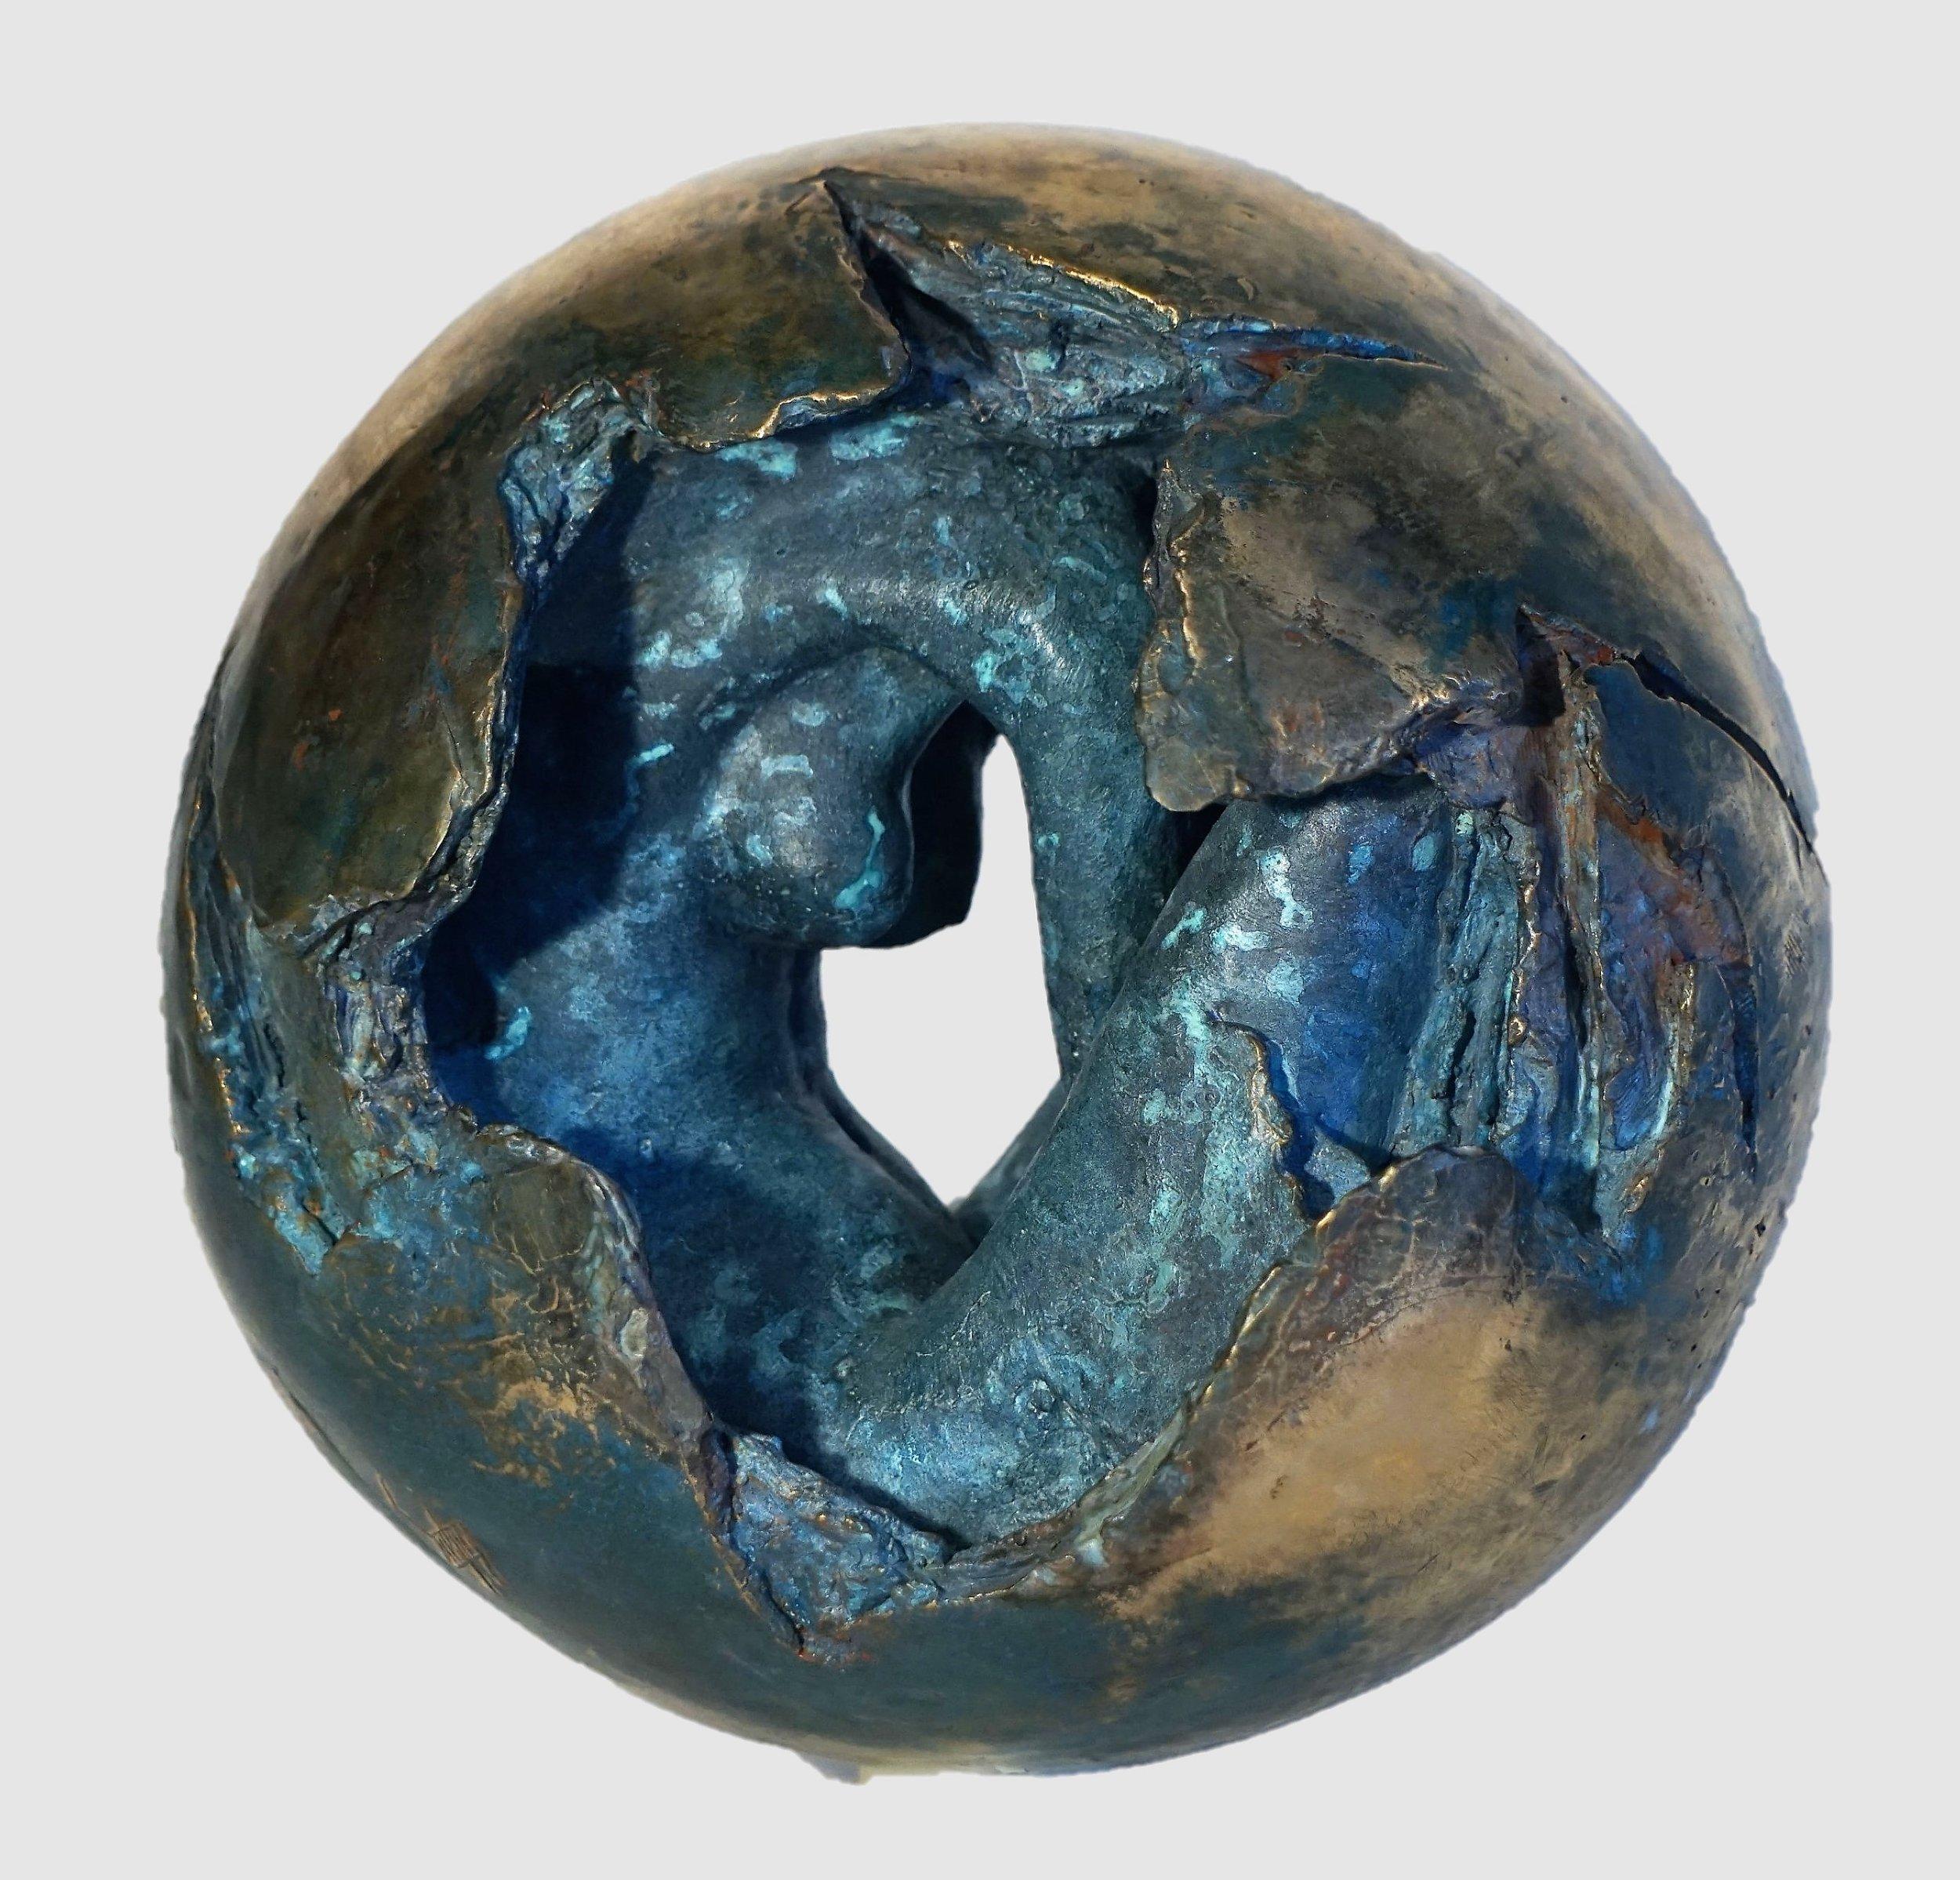 Sculptures/Explorations